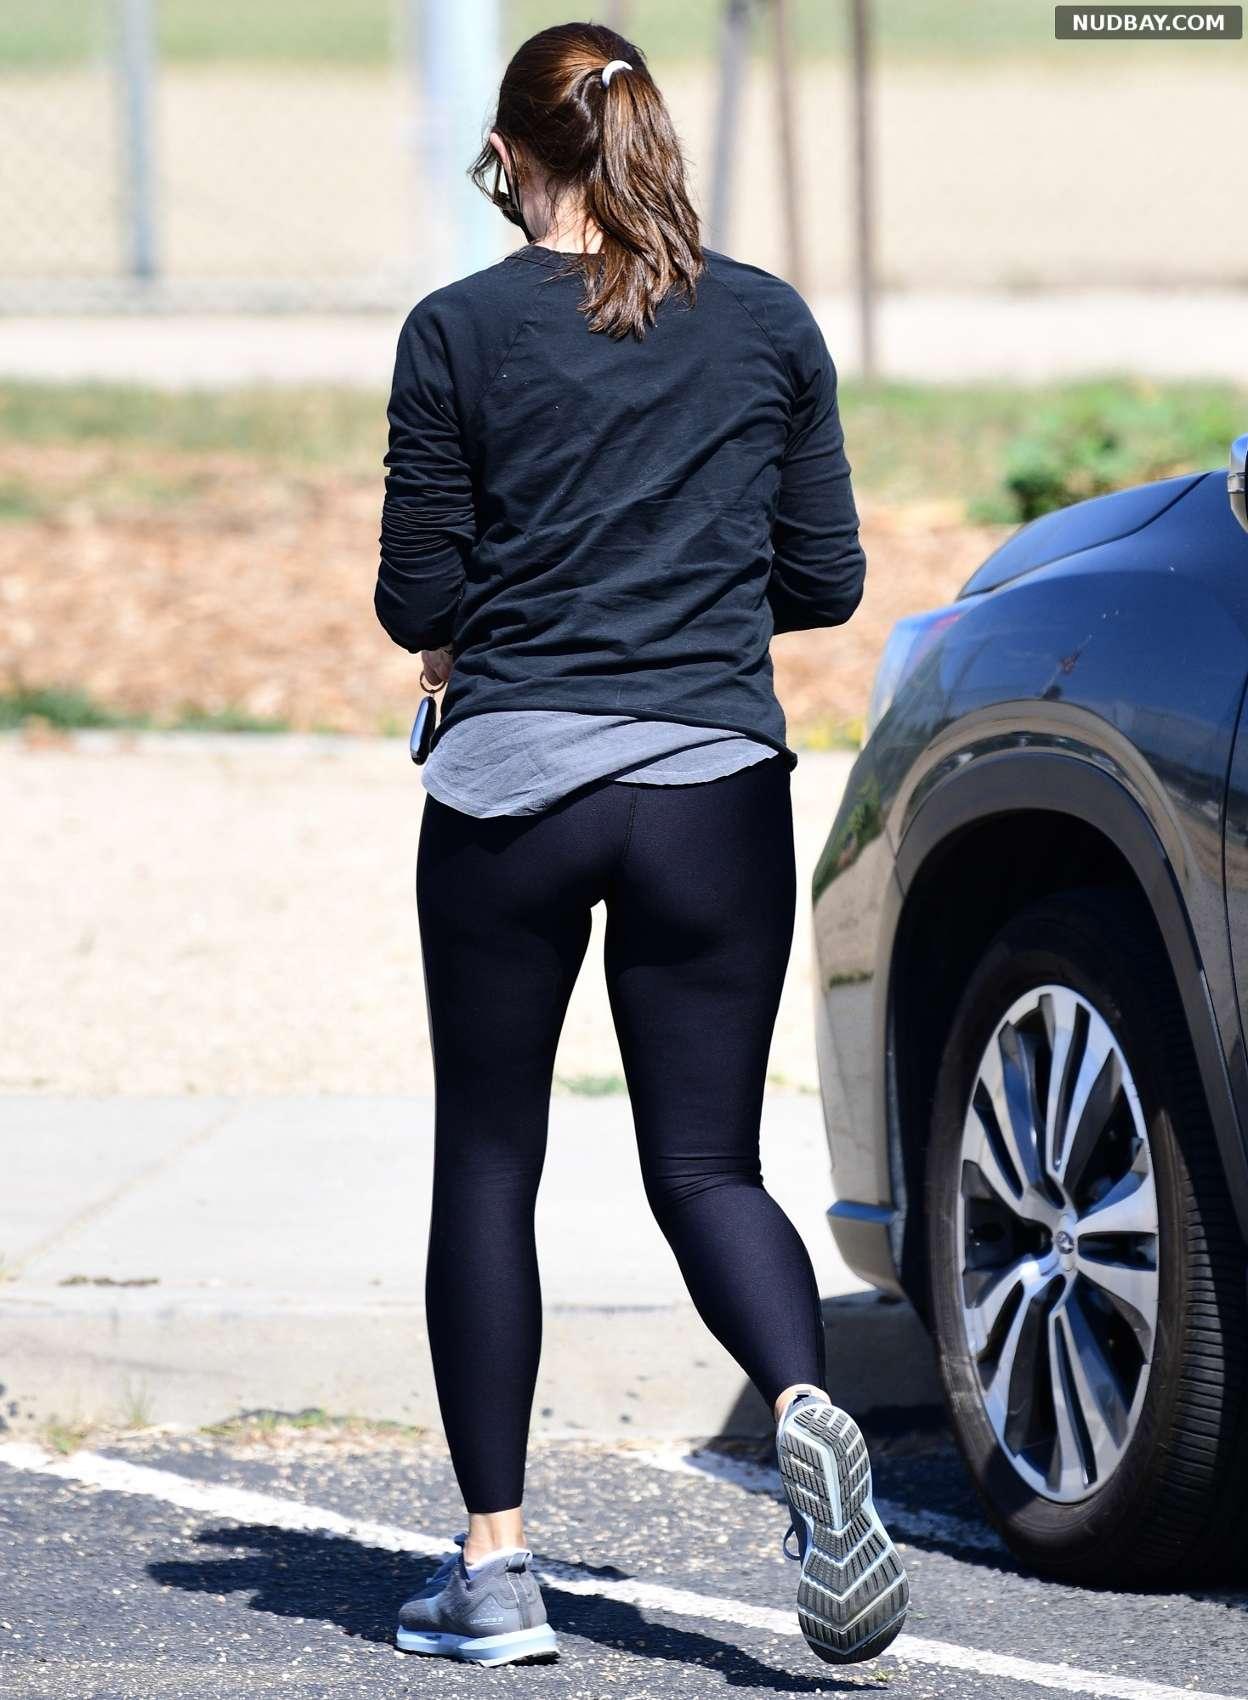 Jennifer Garner ass at a park in Brentwood